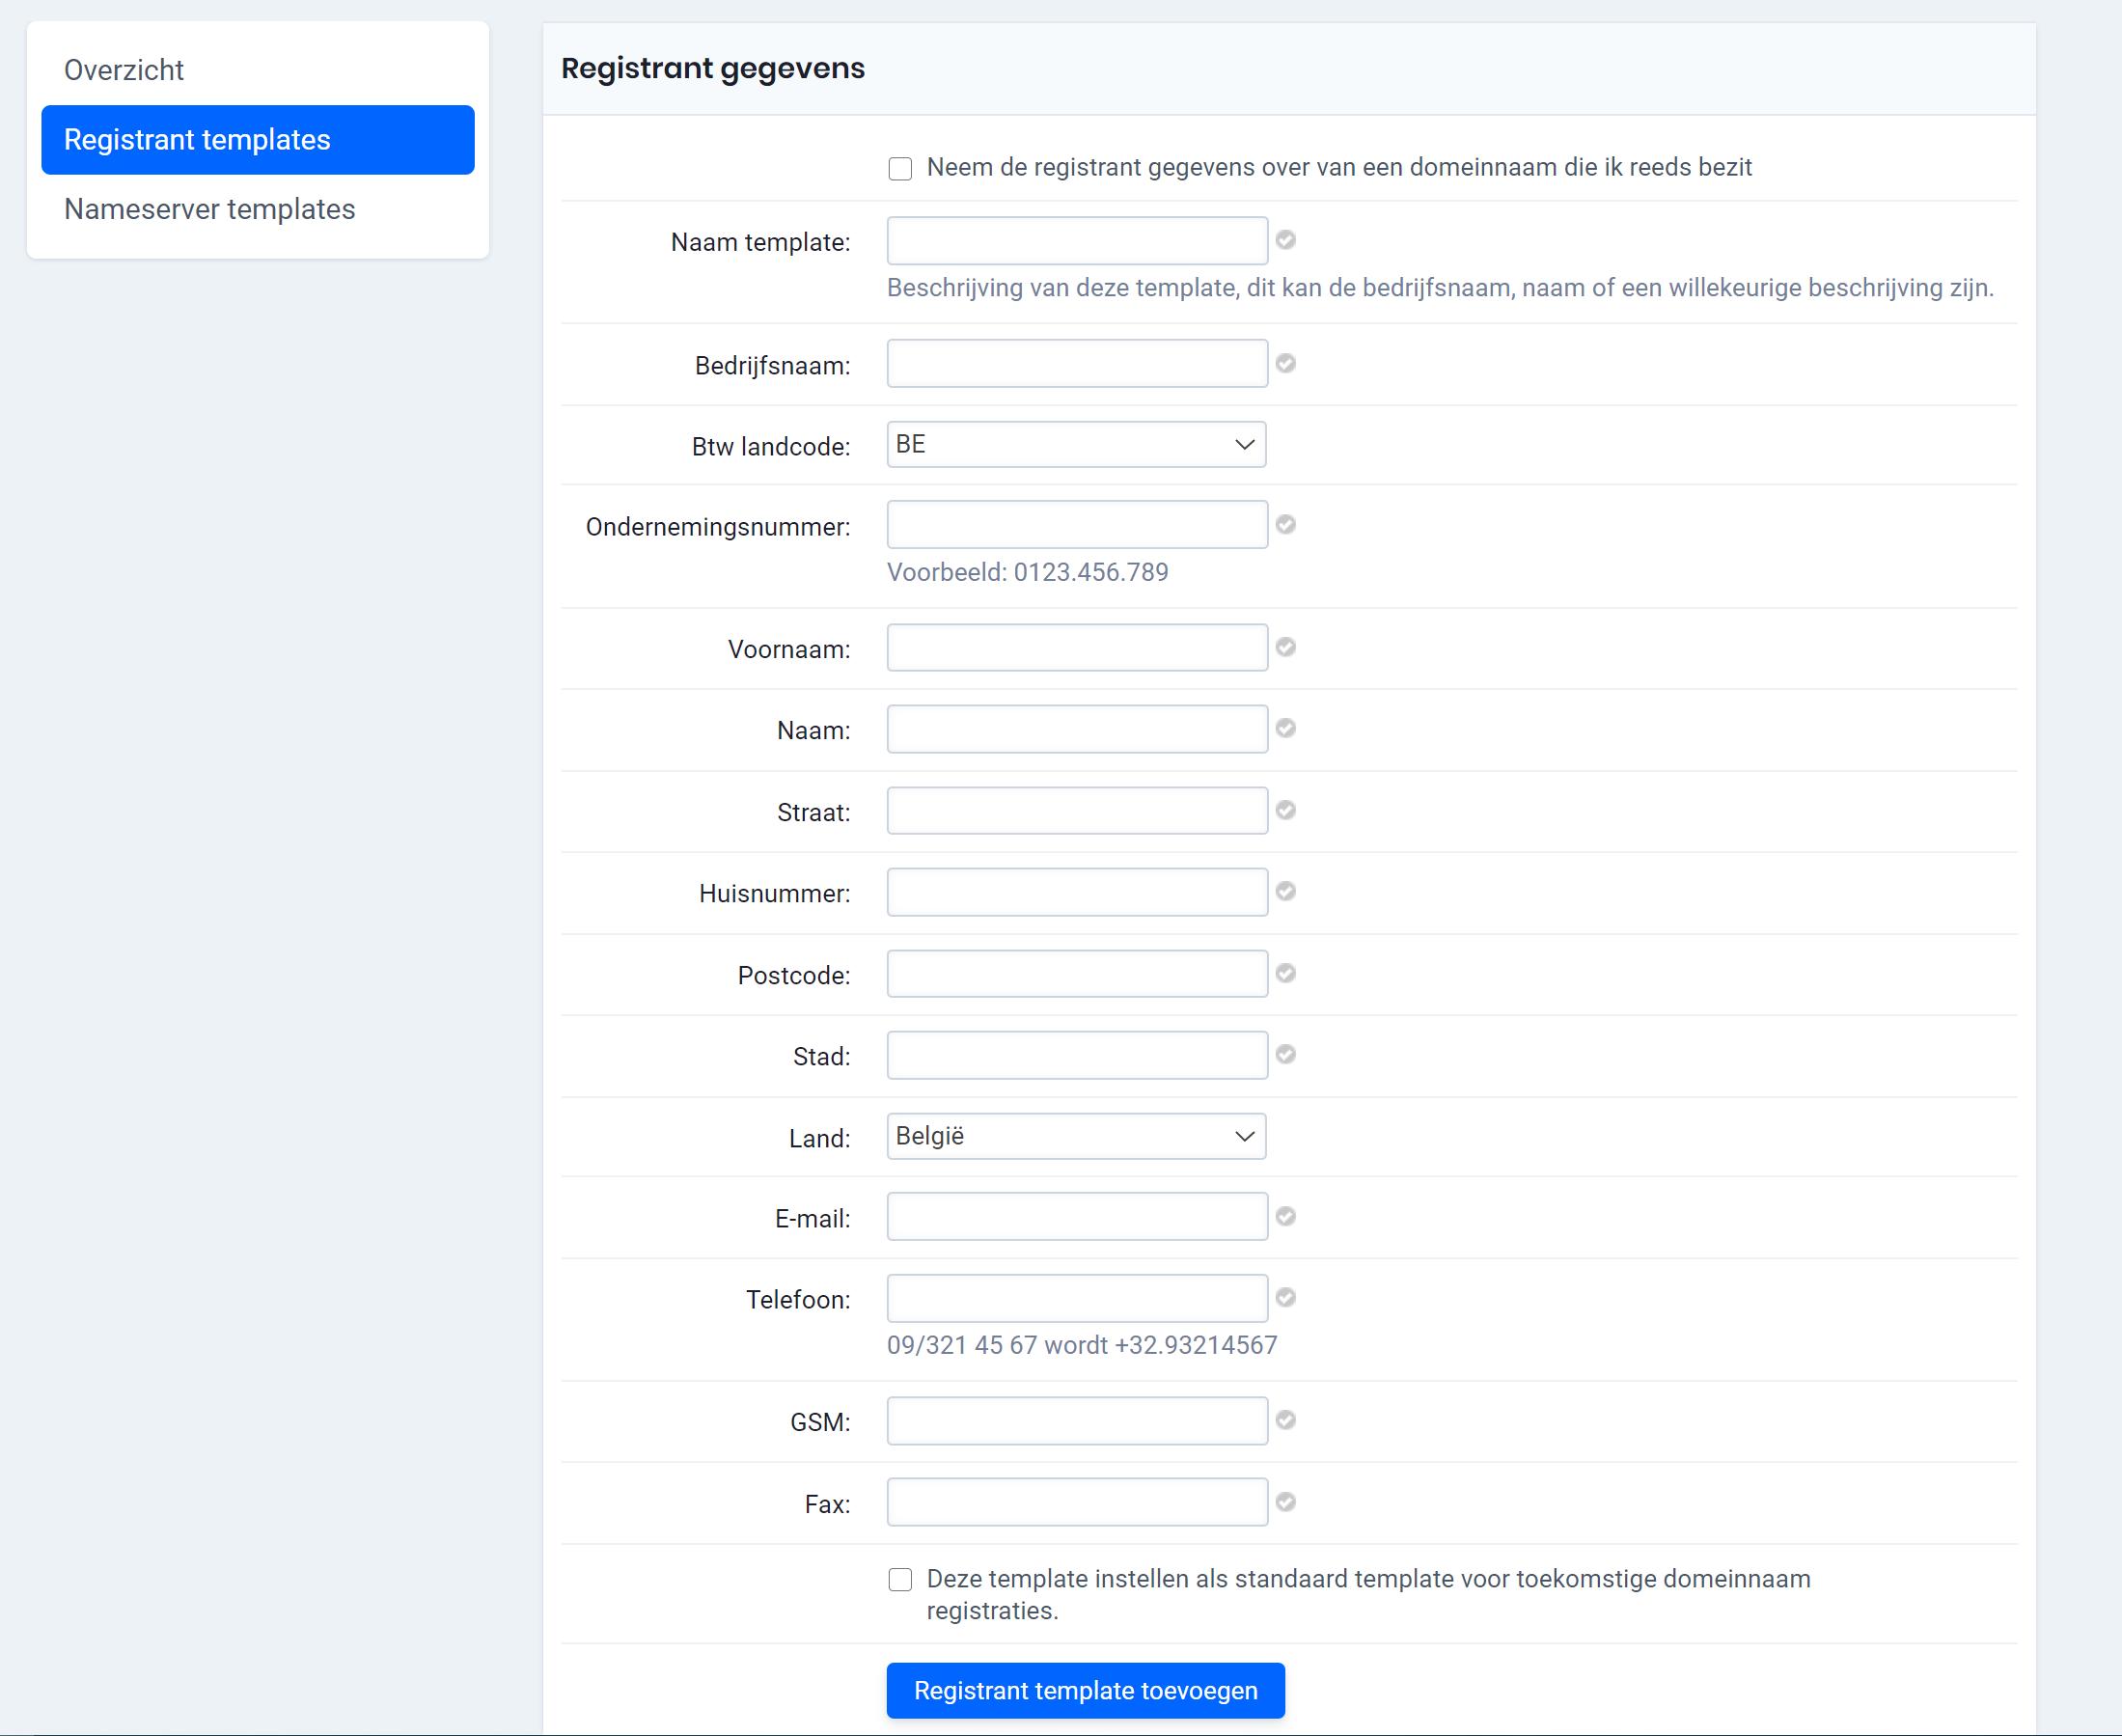 registrant template aanmaken